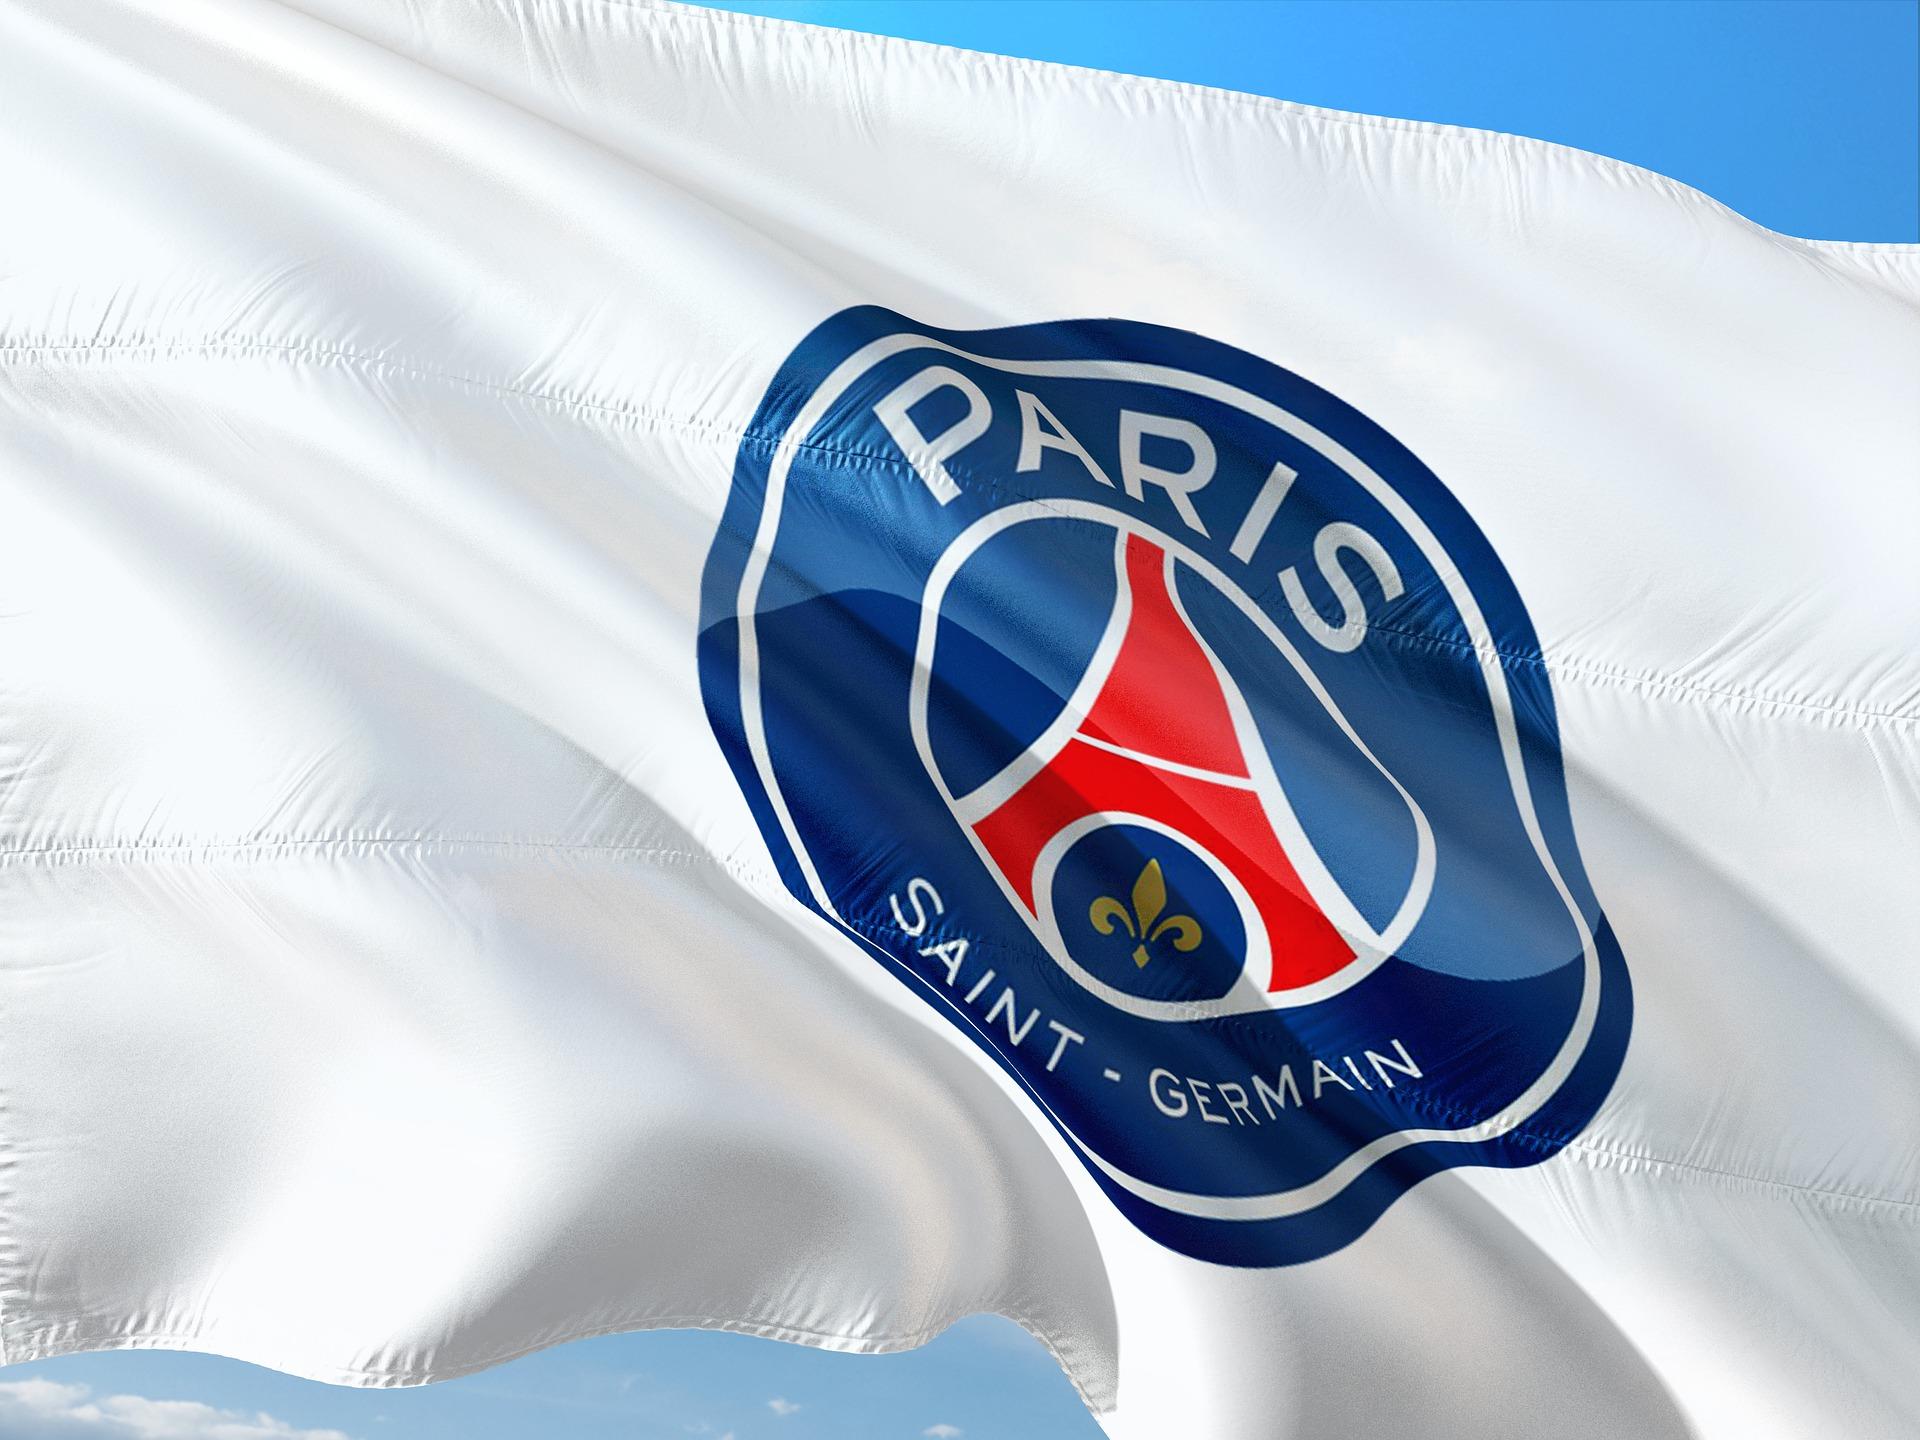 Nouveau partenariat entre Renault et Paris-Saint-Germain